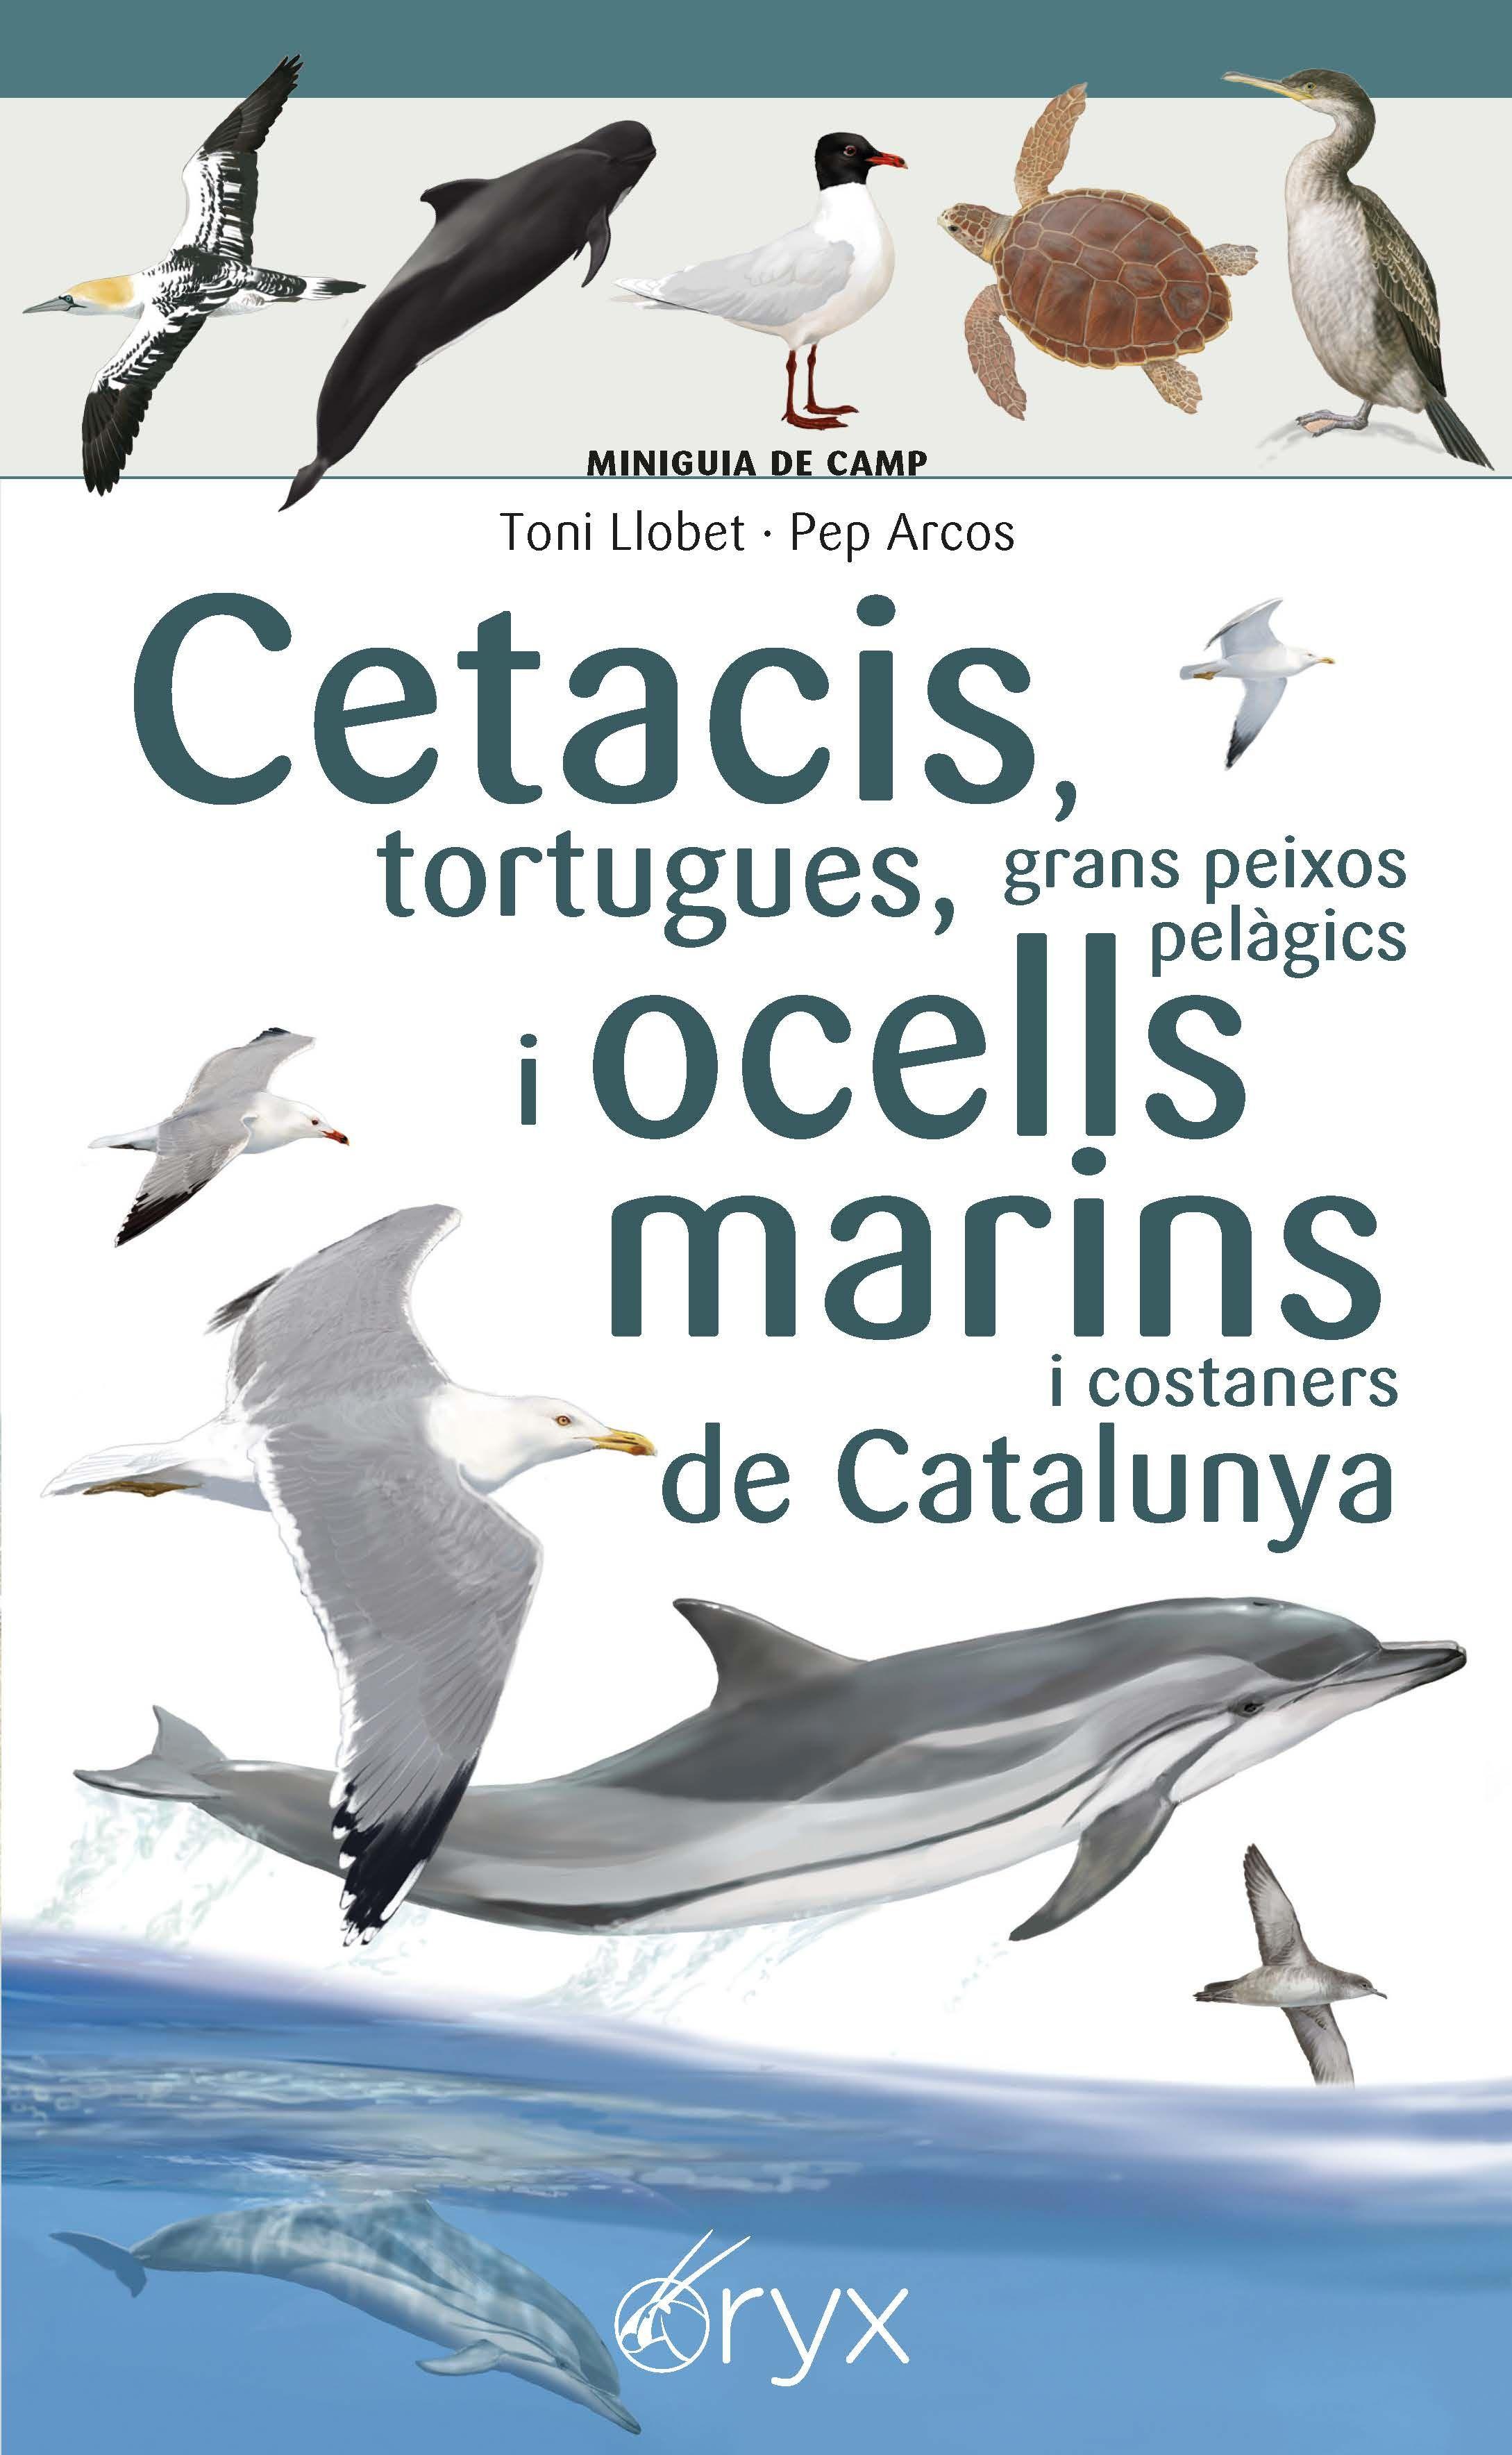 CETACIS TORTUGUES, GRANS PEIXOS PELÀGICS I OCELLS MARINS DE CATALUNYA